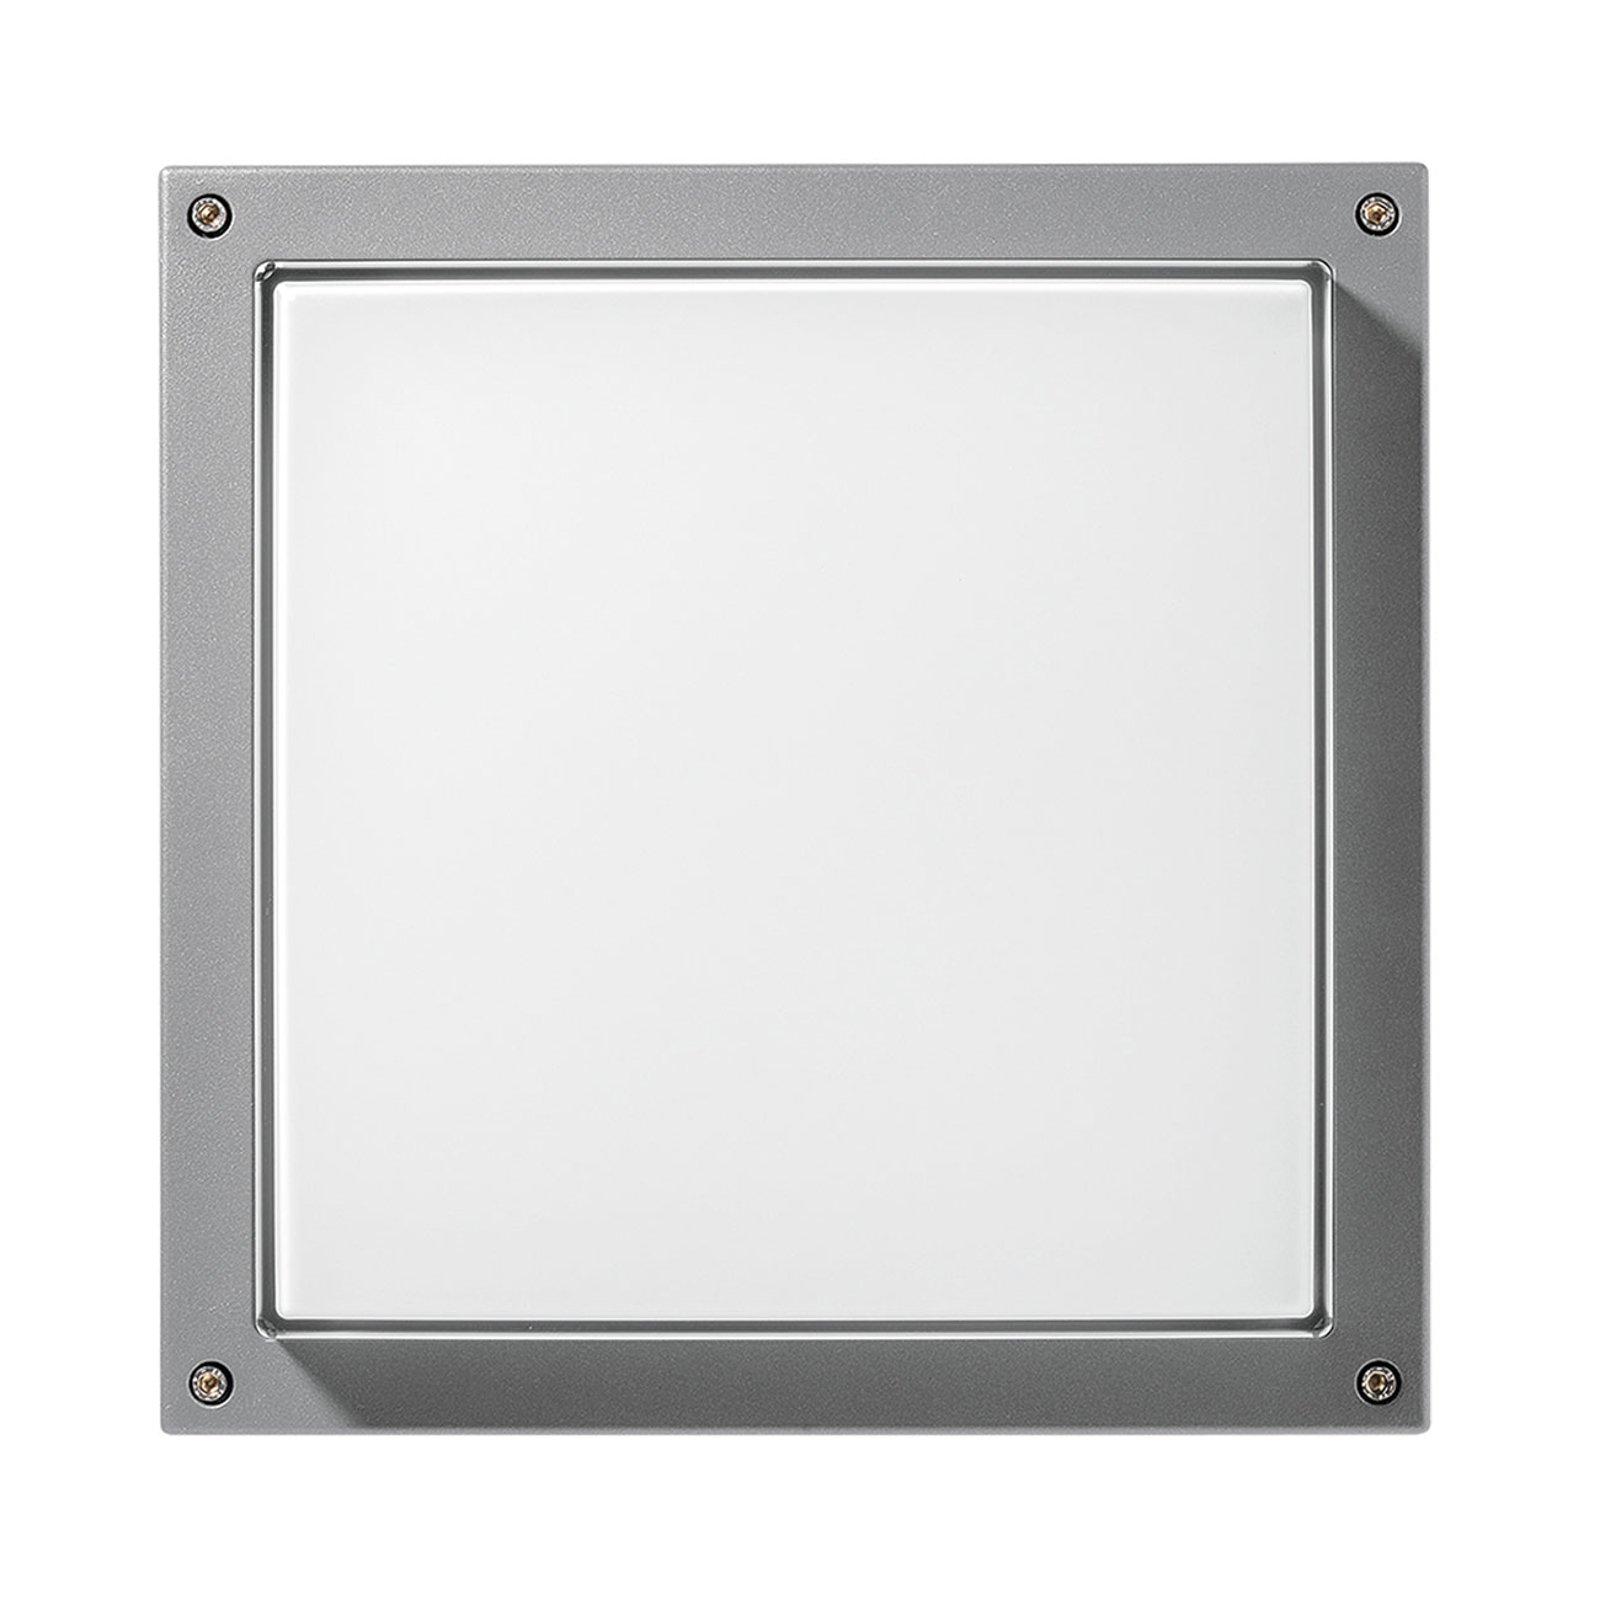 Vegglampe Bliz Square 40 3 000 K, grå dimbar